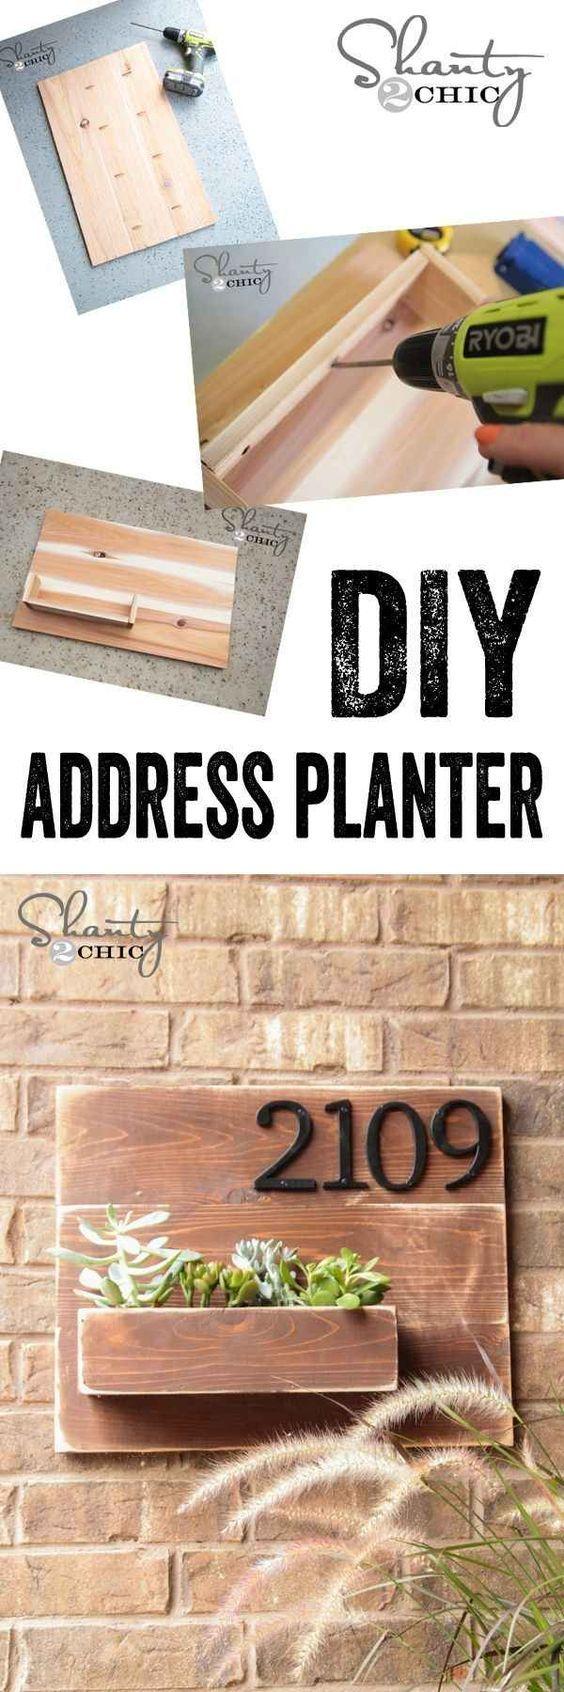 Diy home address number planter